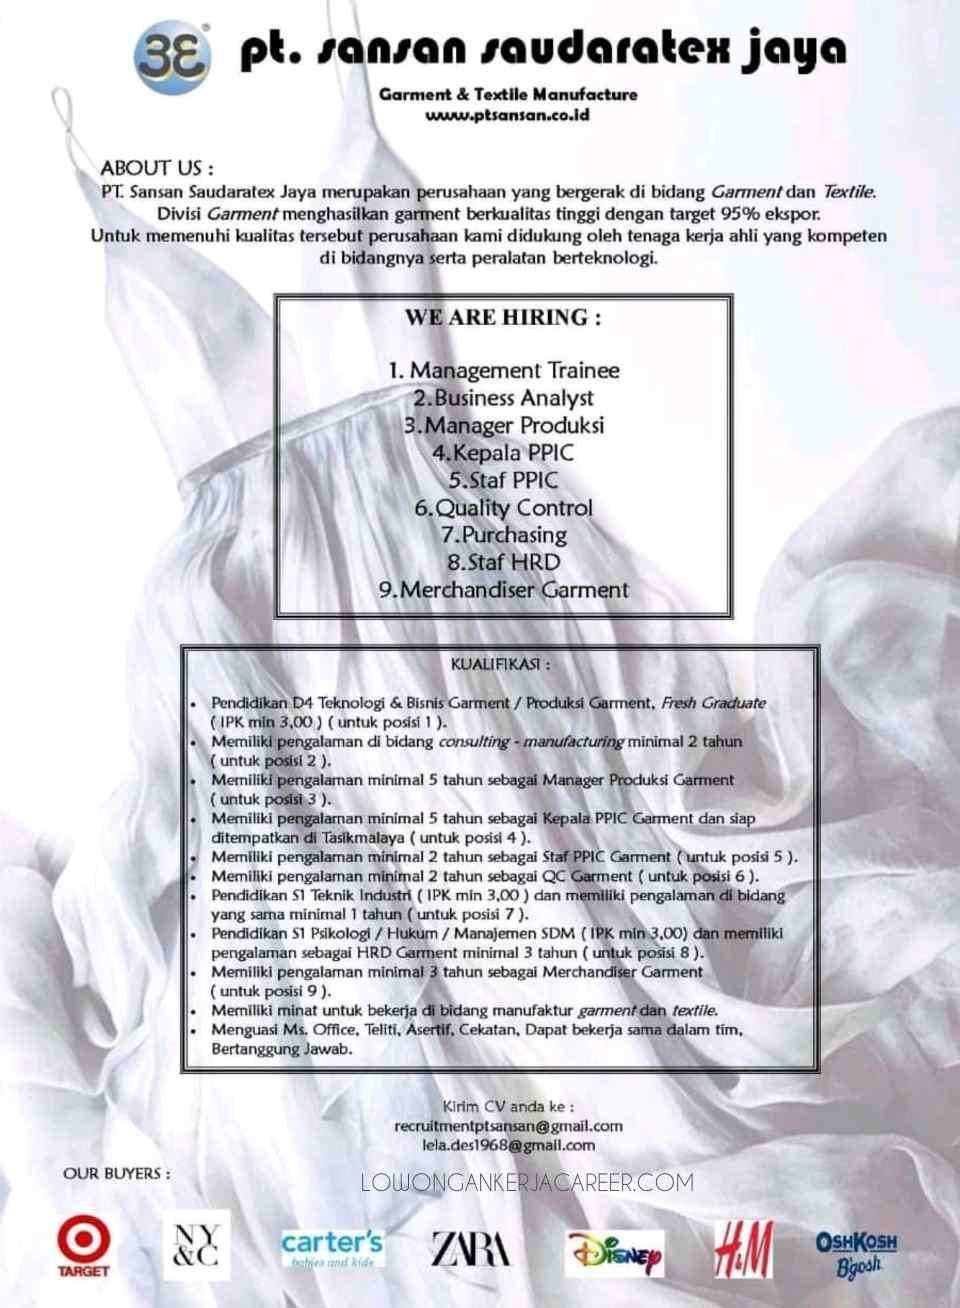 Lowongan Kerja Pt Sansan Saudaratex Jaya Terbaru 2020 Lowongankerjacareer Com